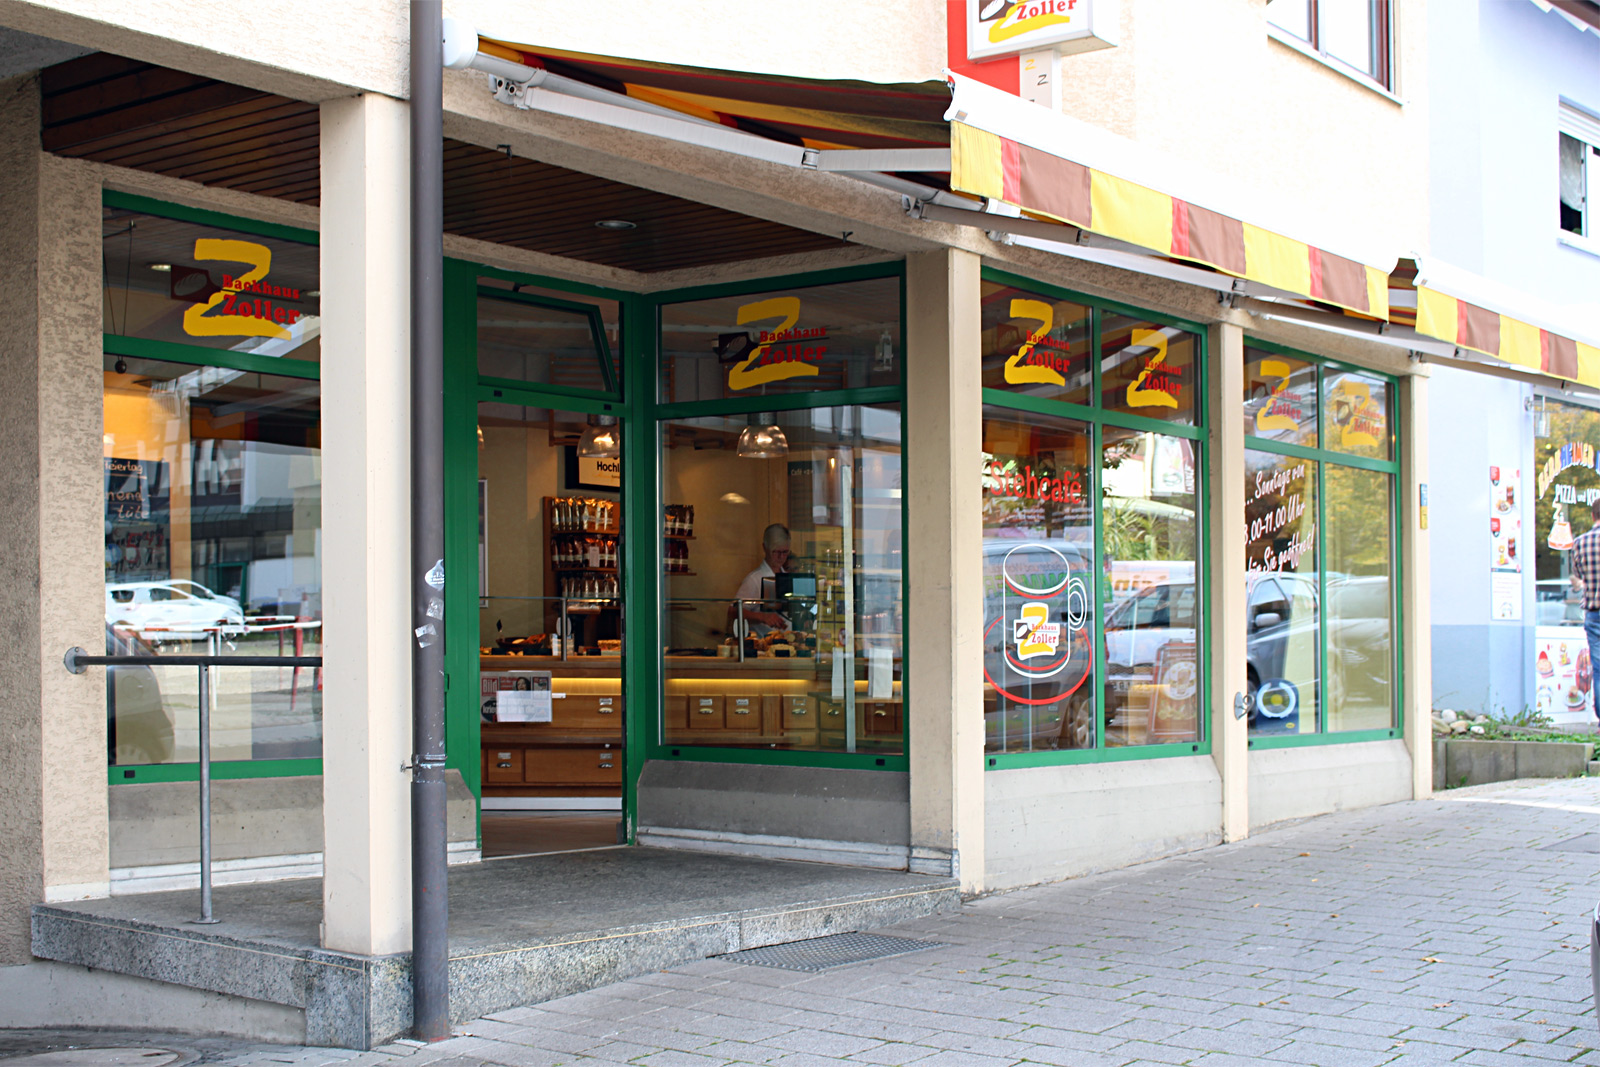 backhaus-zoller-fageschaeft_Berkheim_aussen